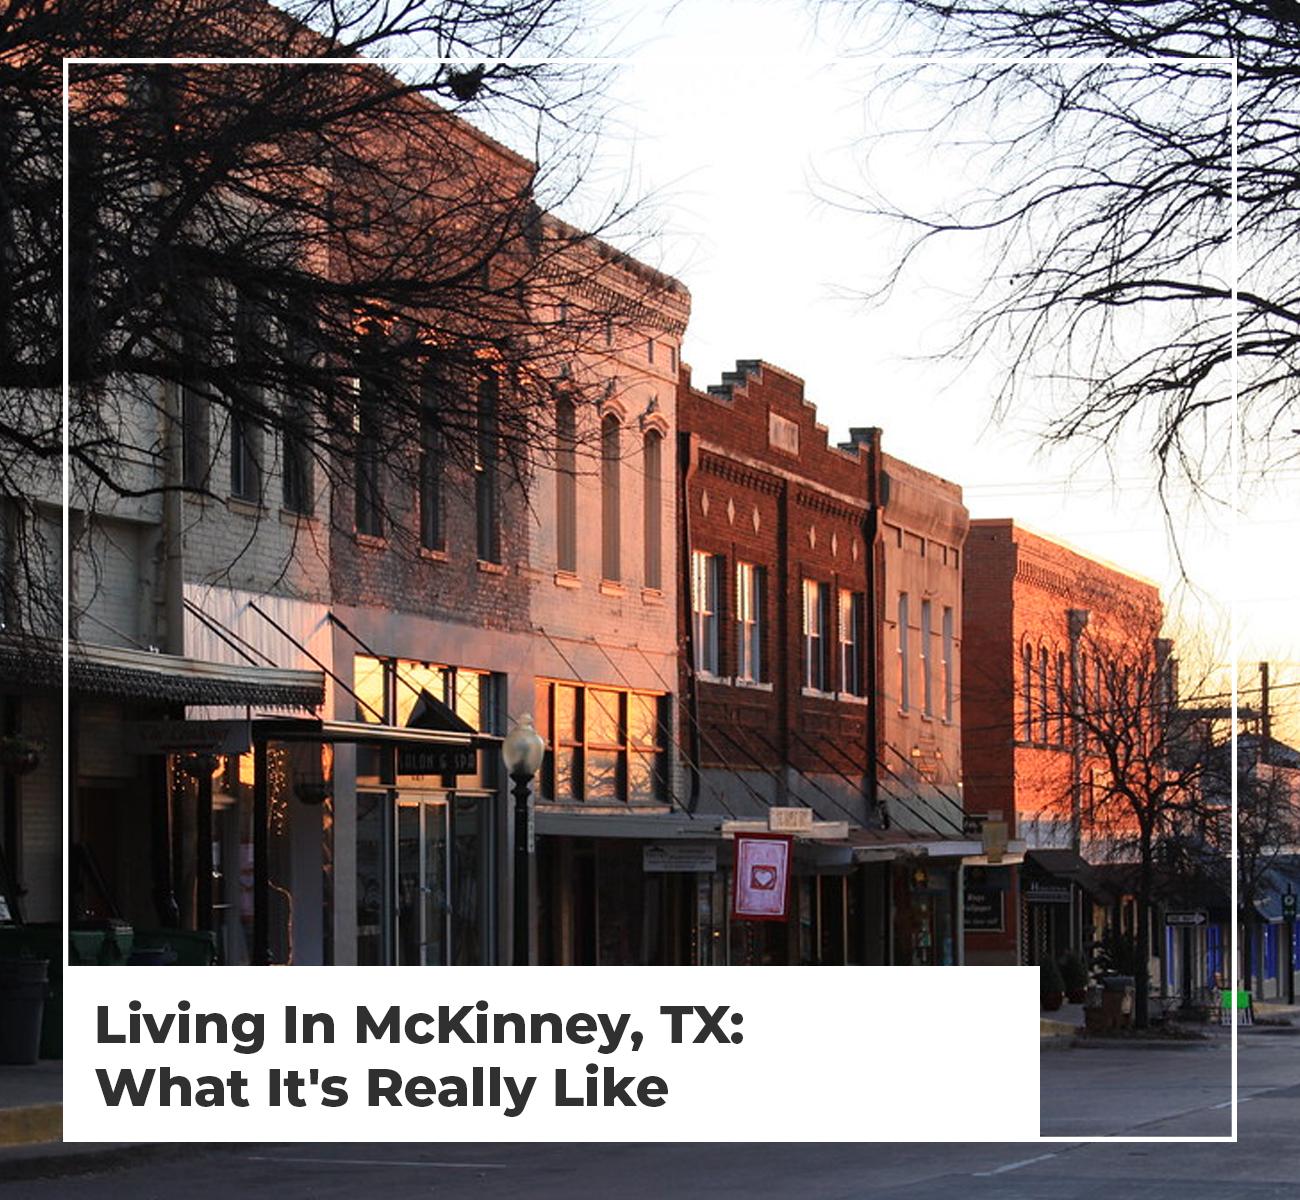 Living in Mckinney TX